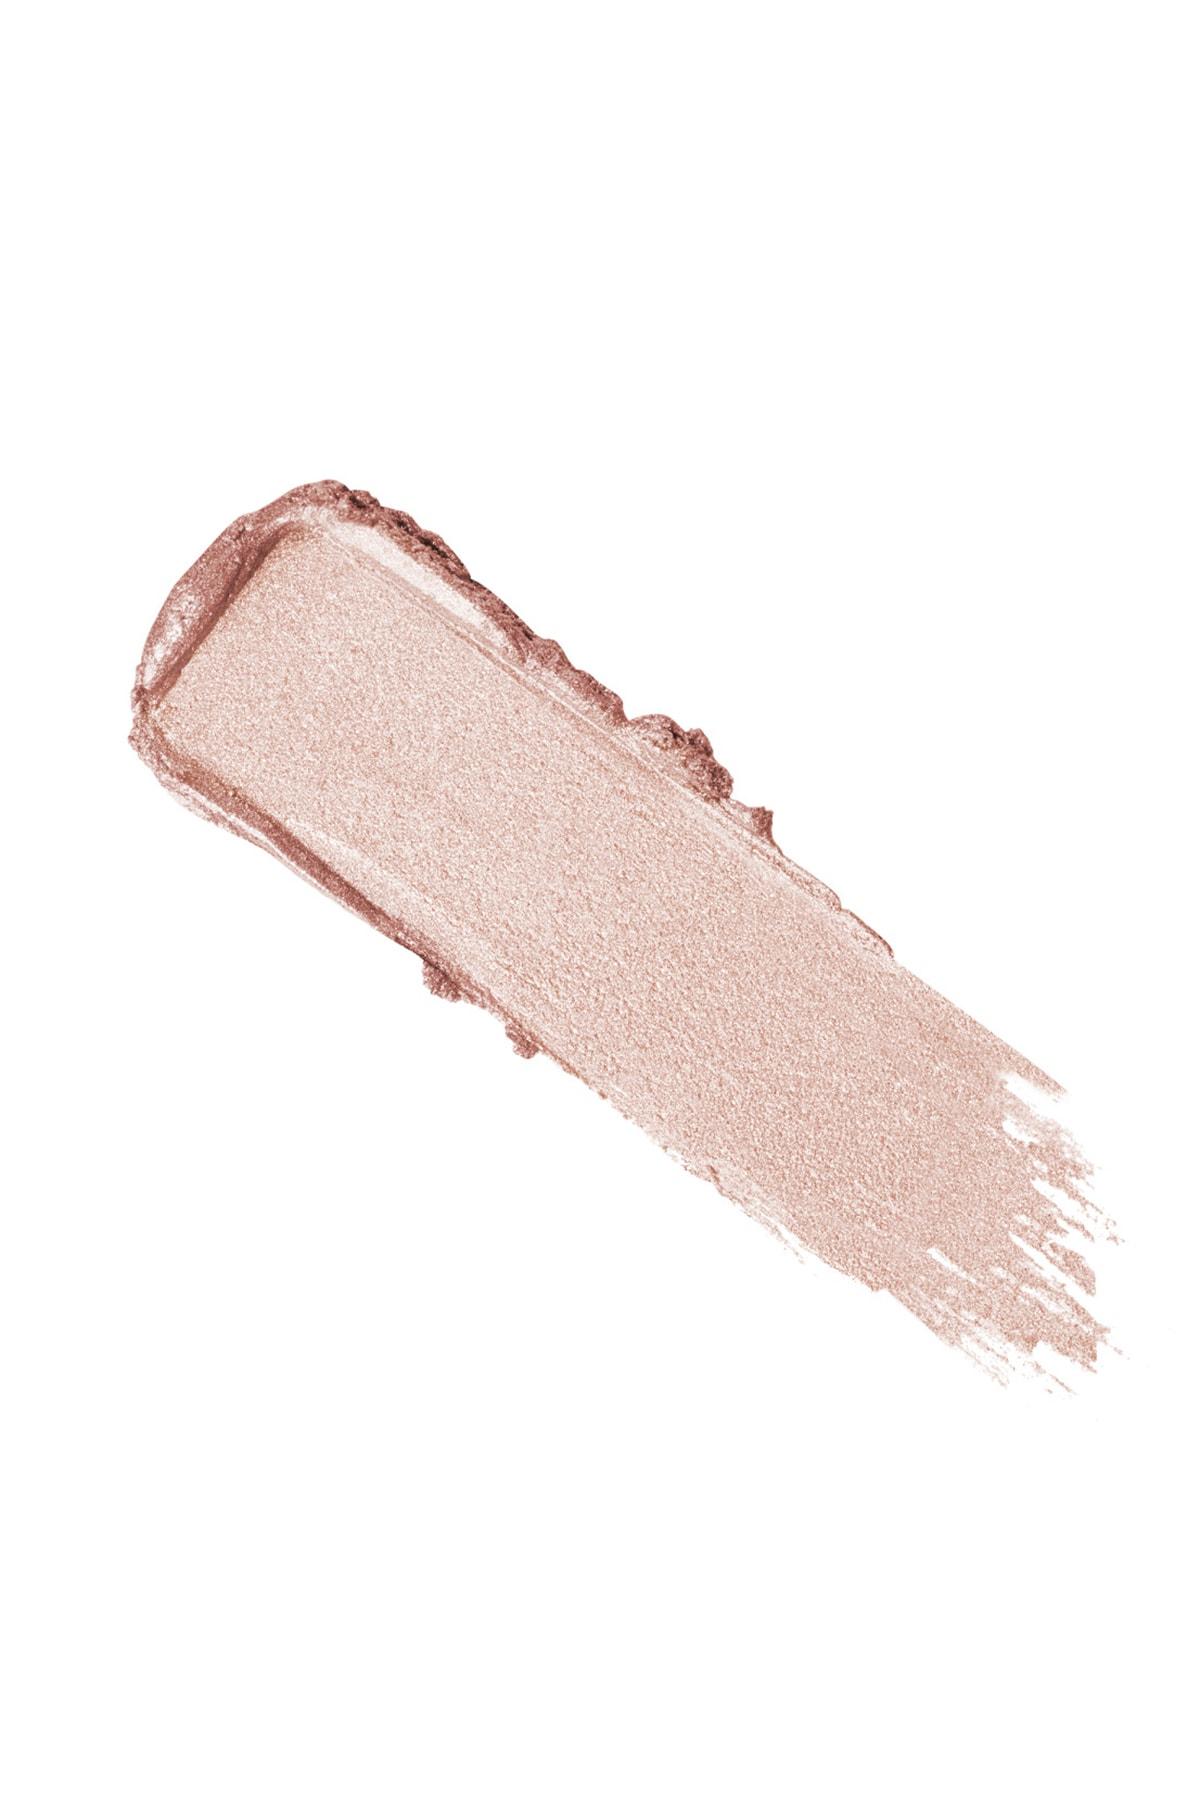 Lancome Lancôme X Mert & Marcus Teint Idole Aydınlatıcı Ve Baz Duo Stıck 01 Light Pink 3614272675292 3